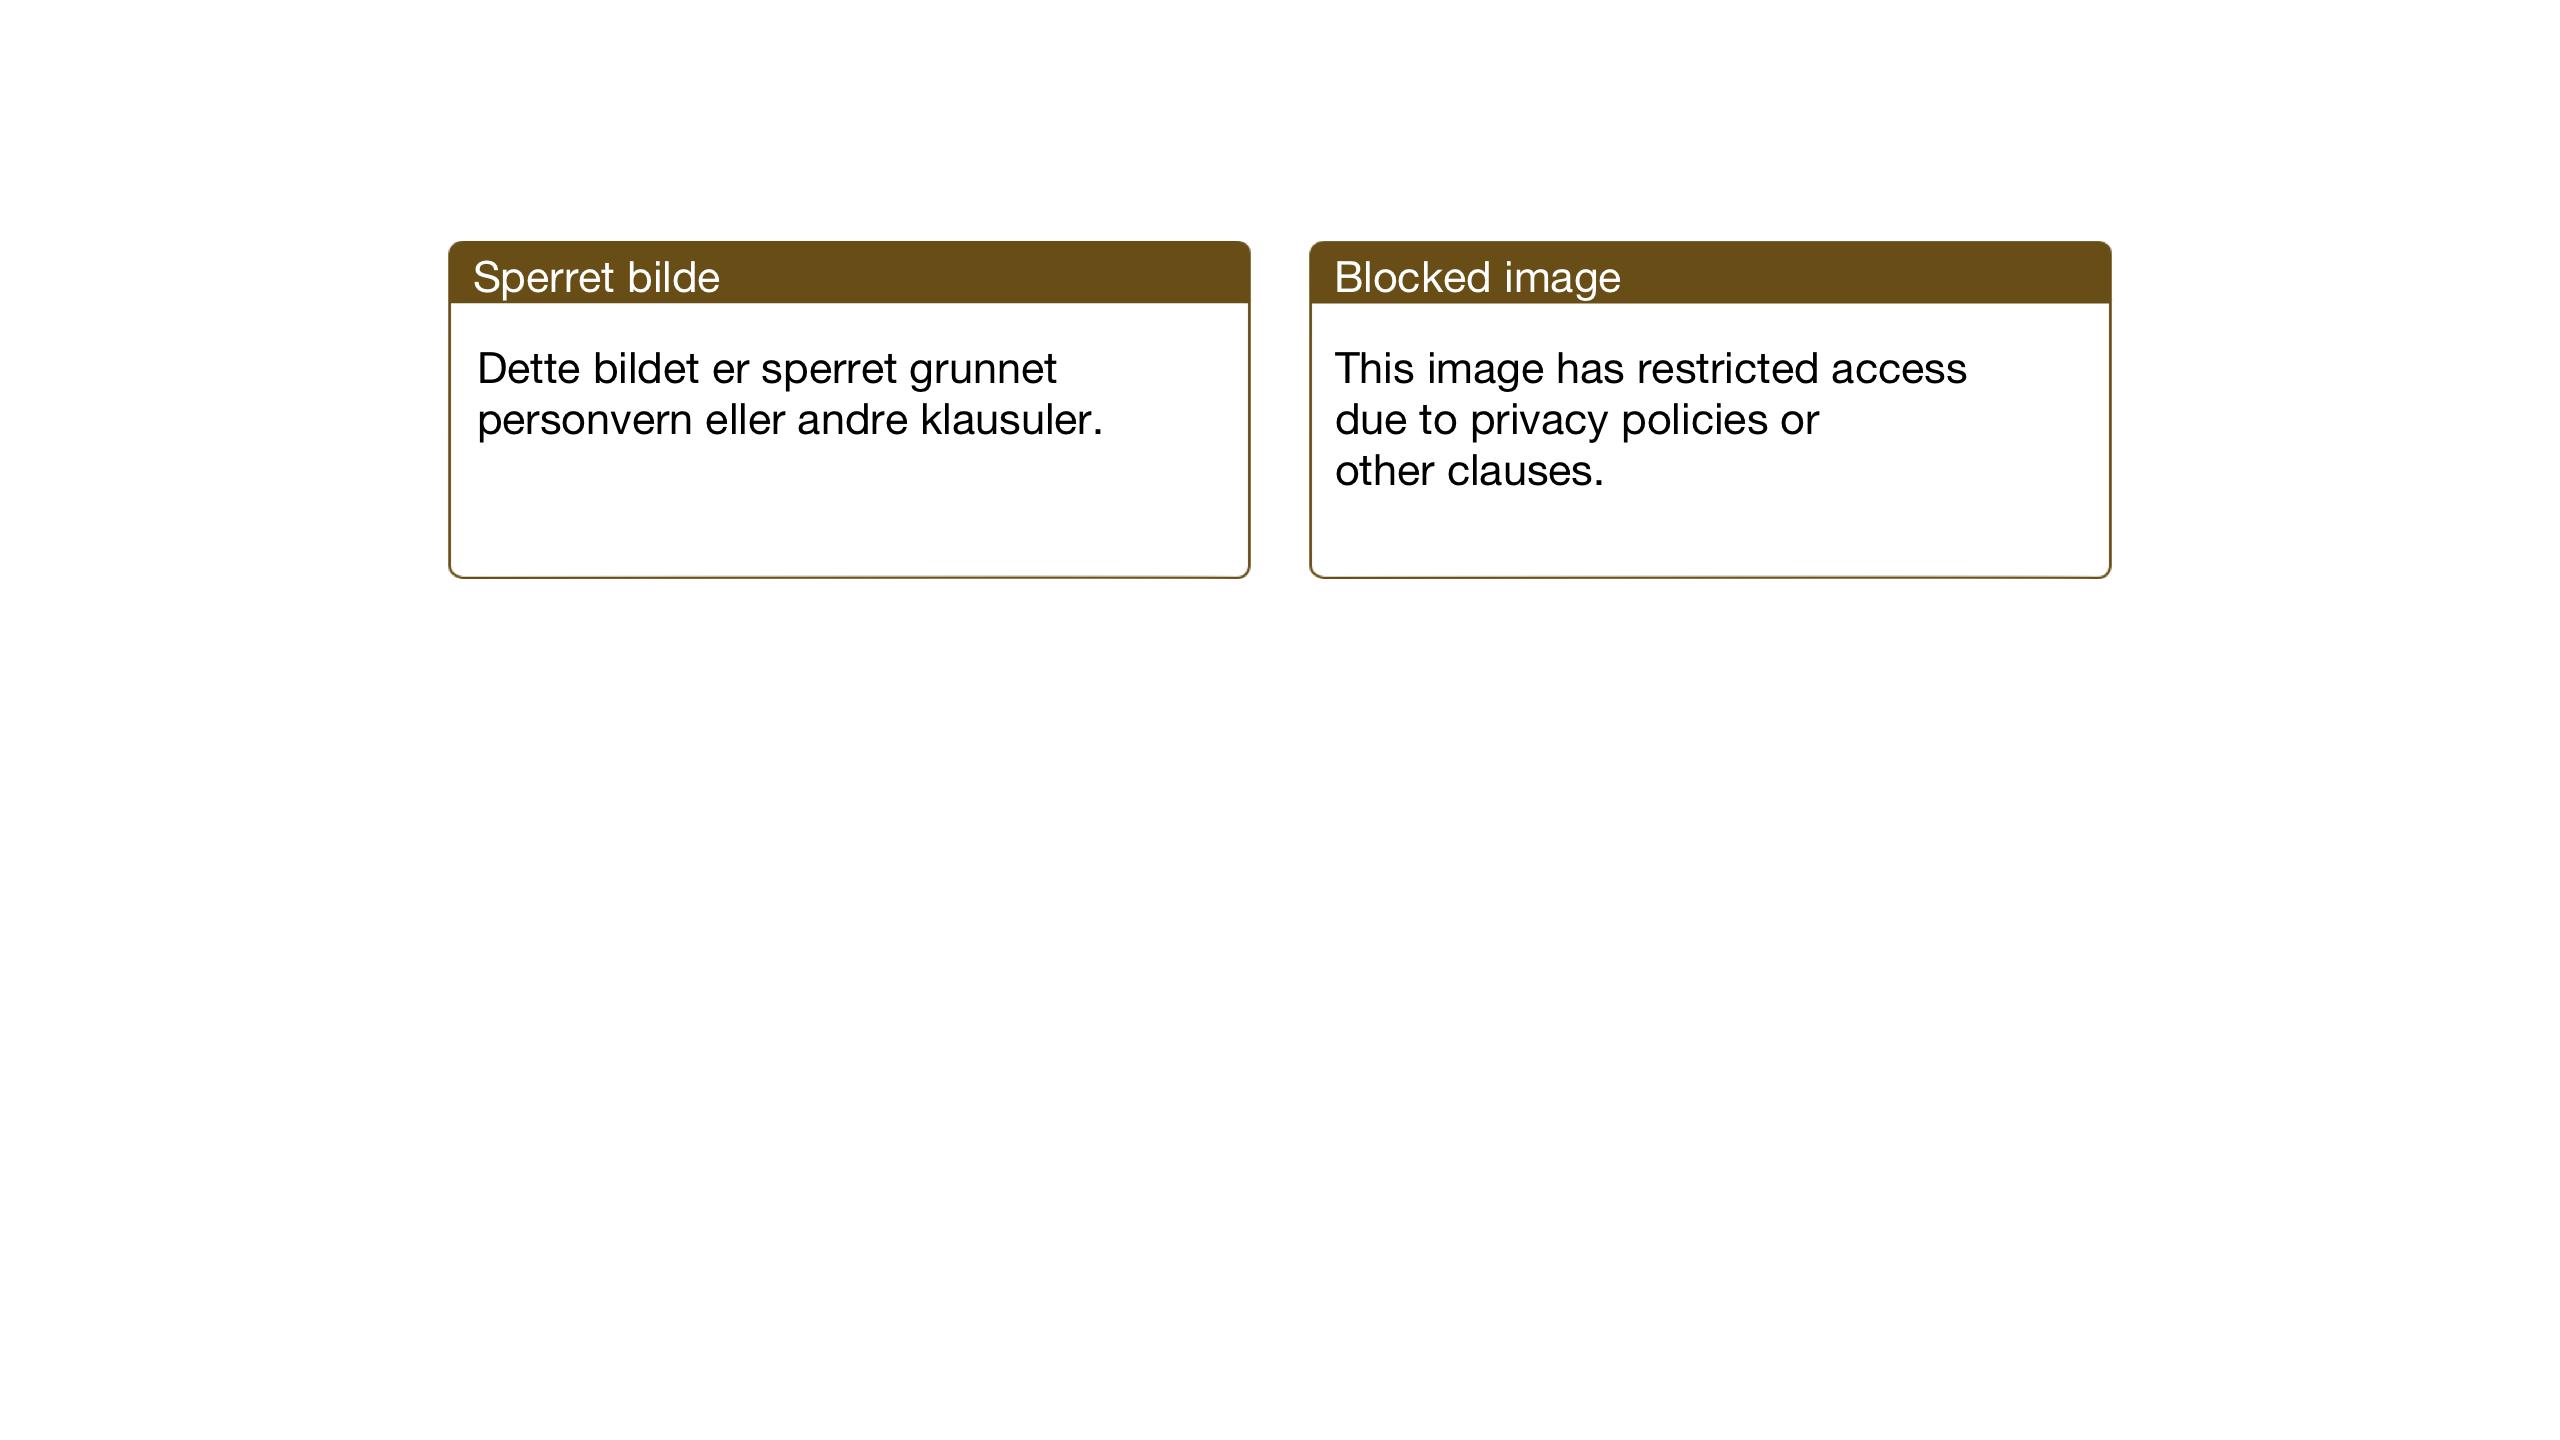 SAT, Ministerialprotokoller, klokkerbøker og fødselsregistre - Nord-Trøndelag, 730/L0304: Klokkerbok nr. 730C07, 1934-1945, s. 48